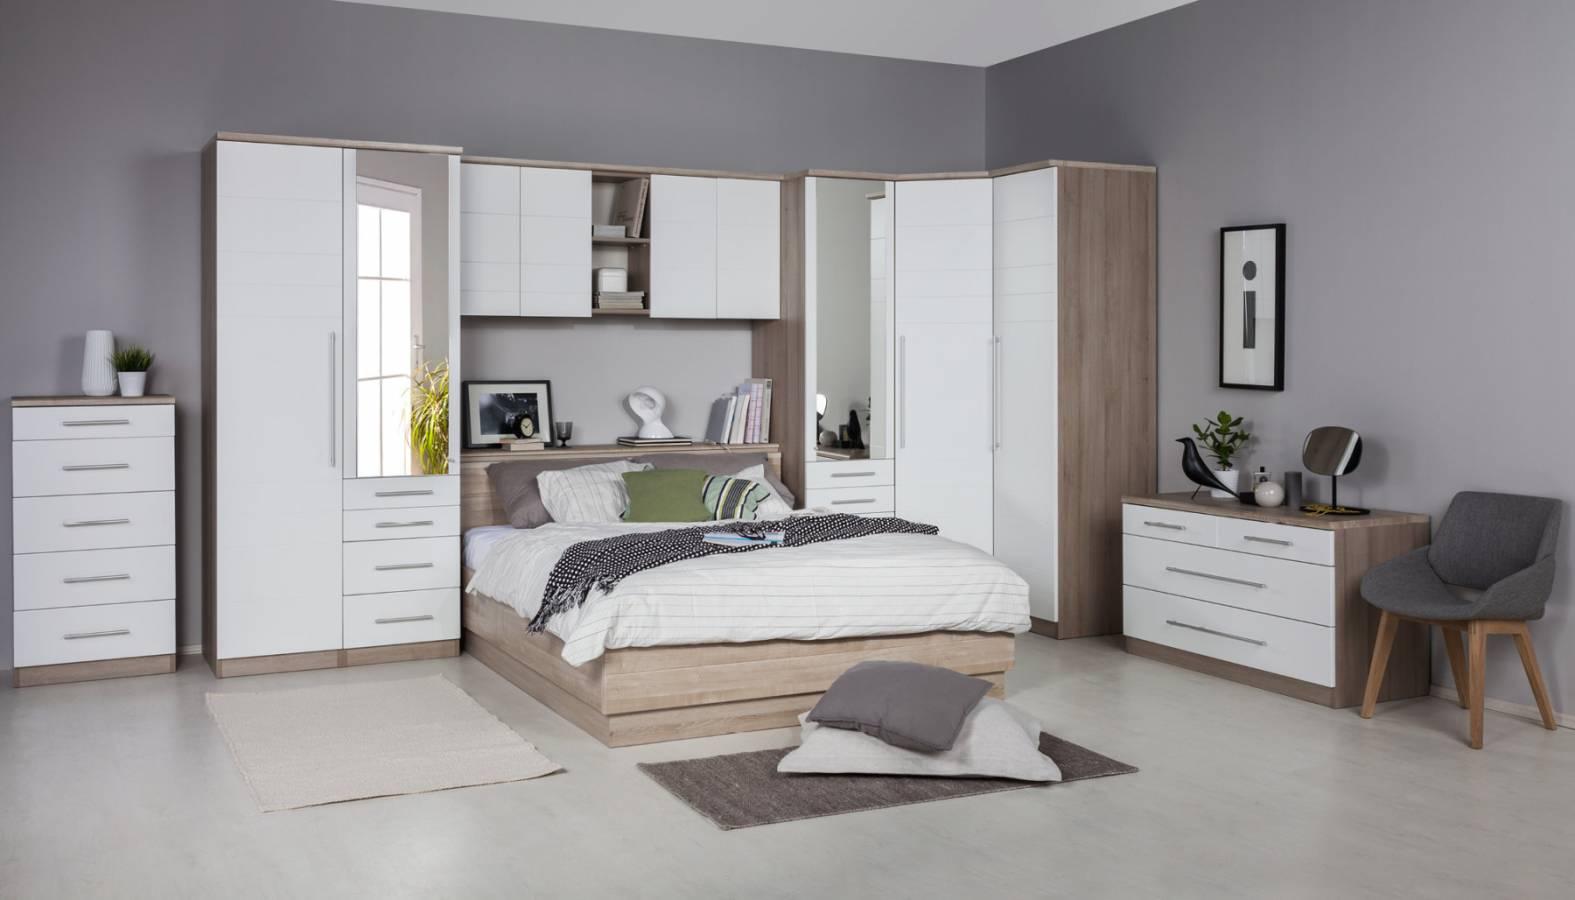 DORA složiva spavaća soba Hespo